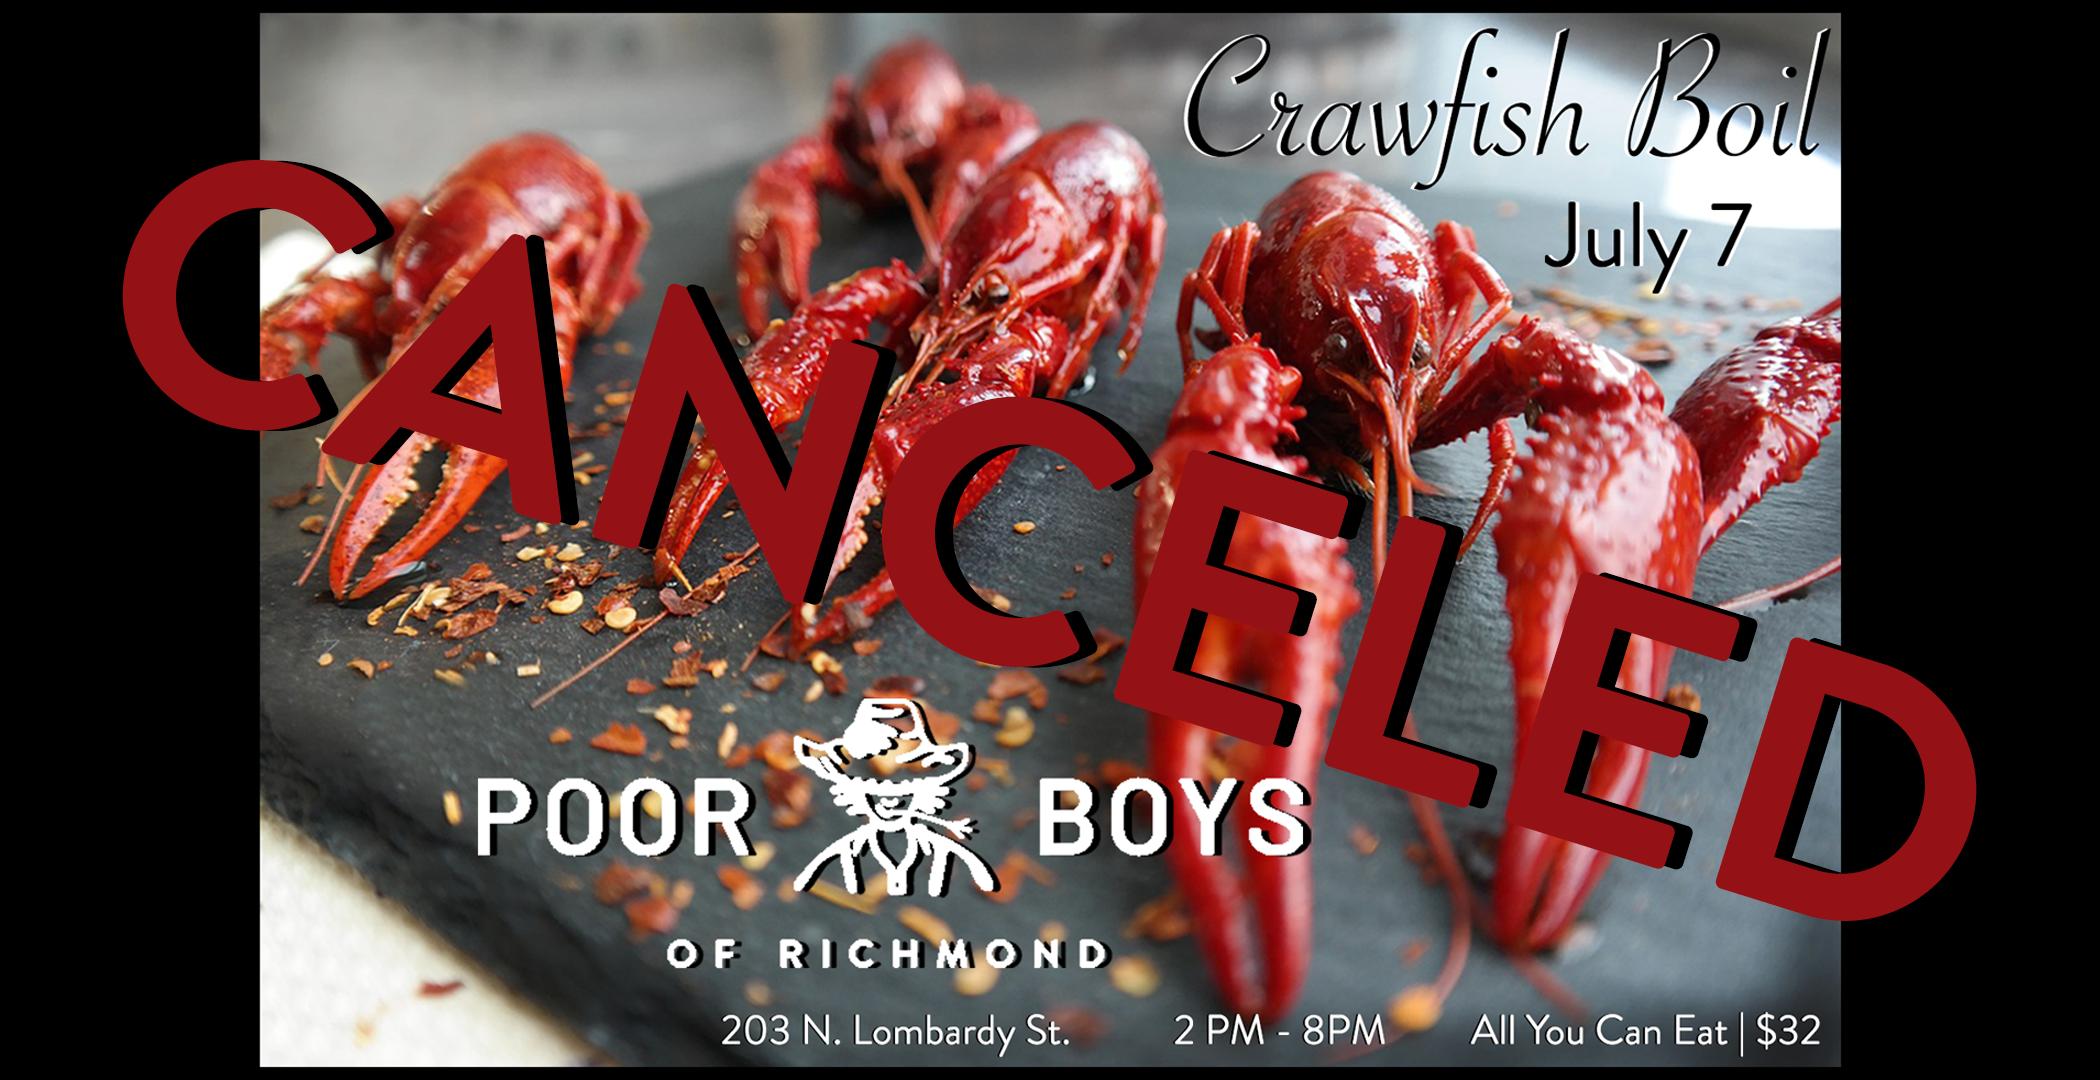 Canceled Crawfish Boil Eventbrite.png